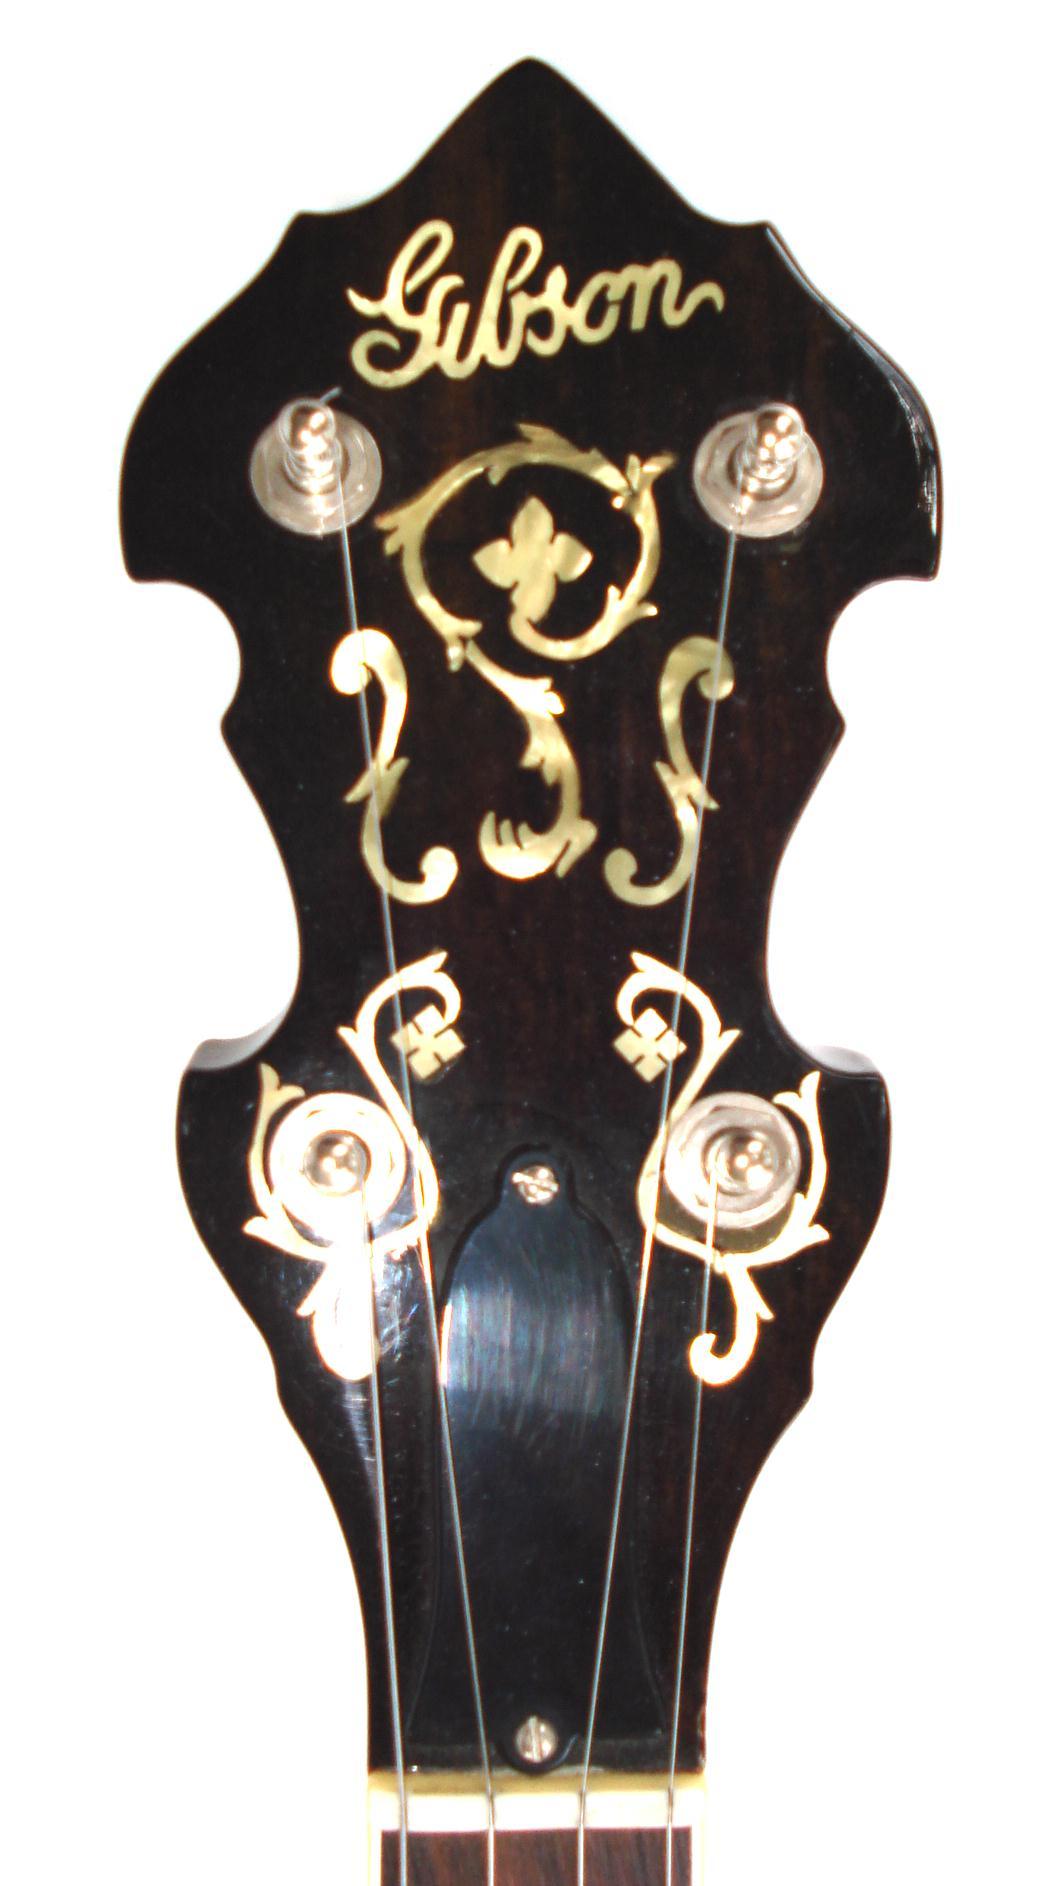 GibsonRB-3Wreath